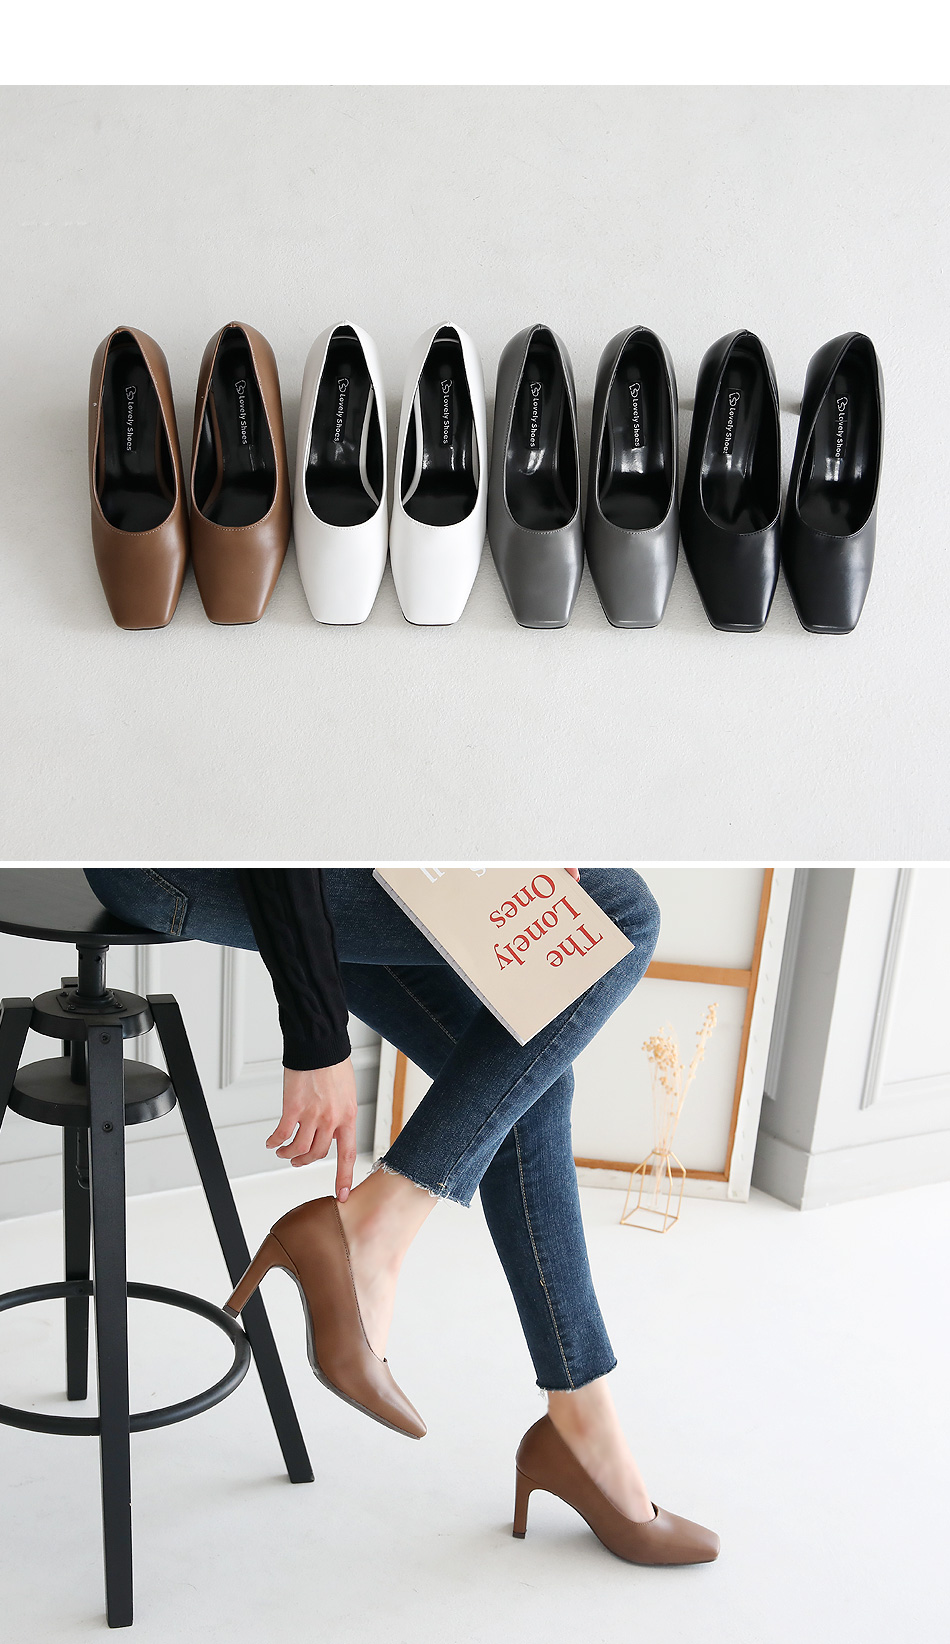 Brunts High Heels 8cm